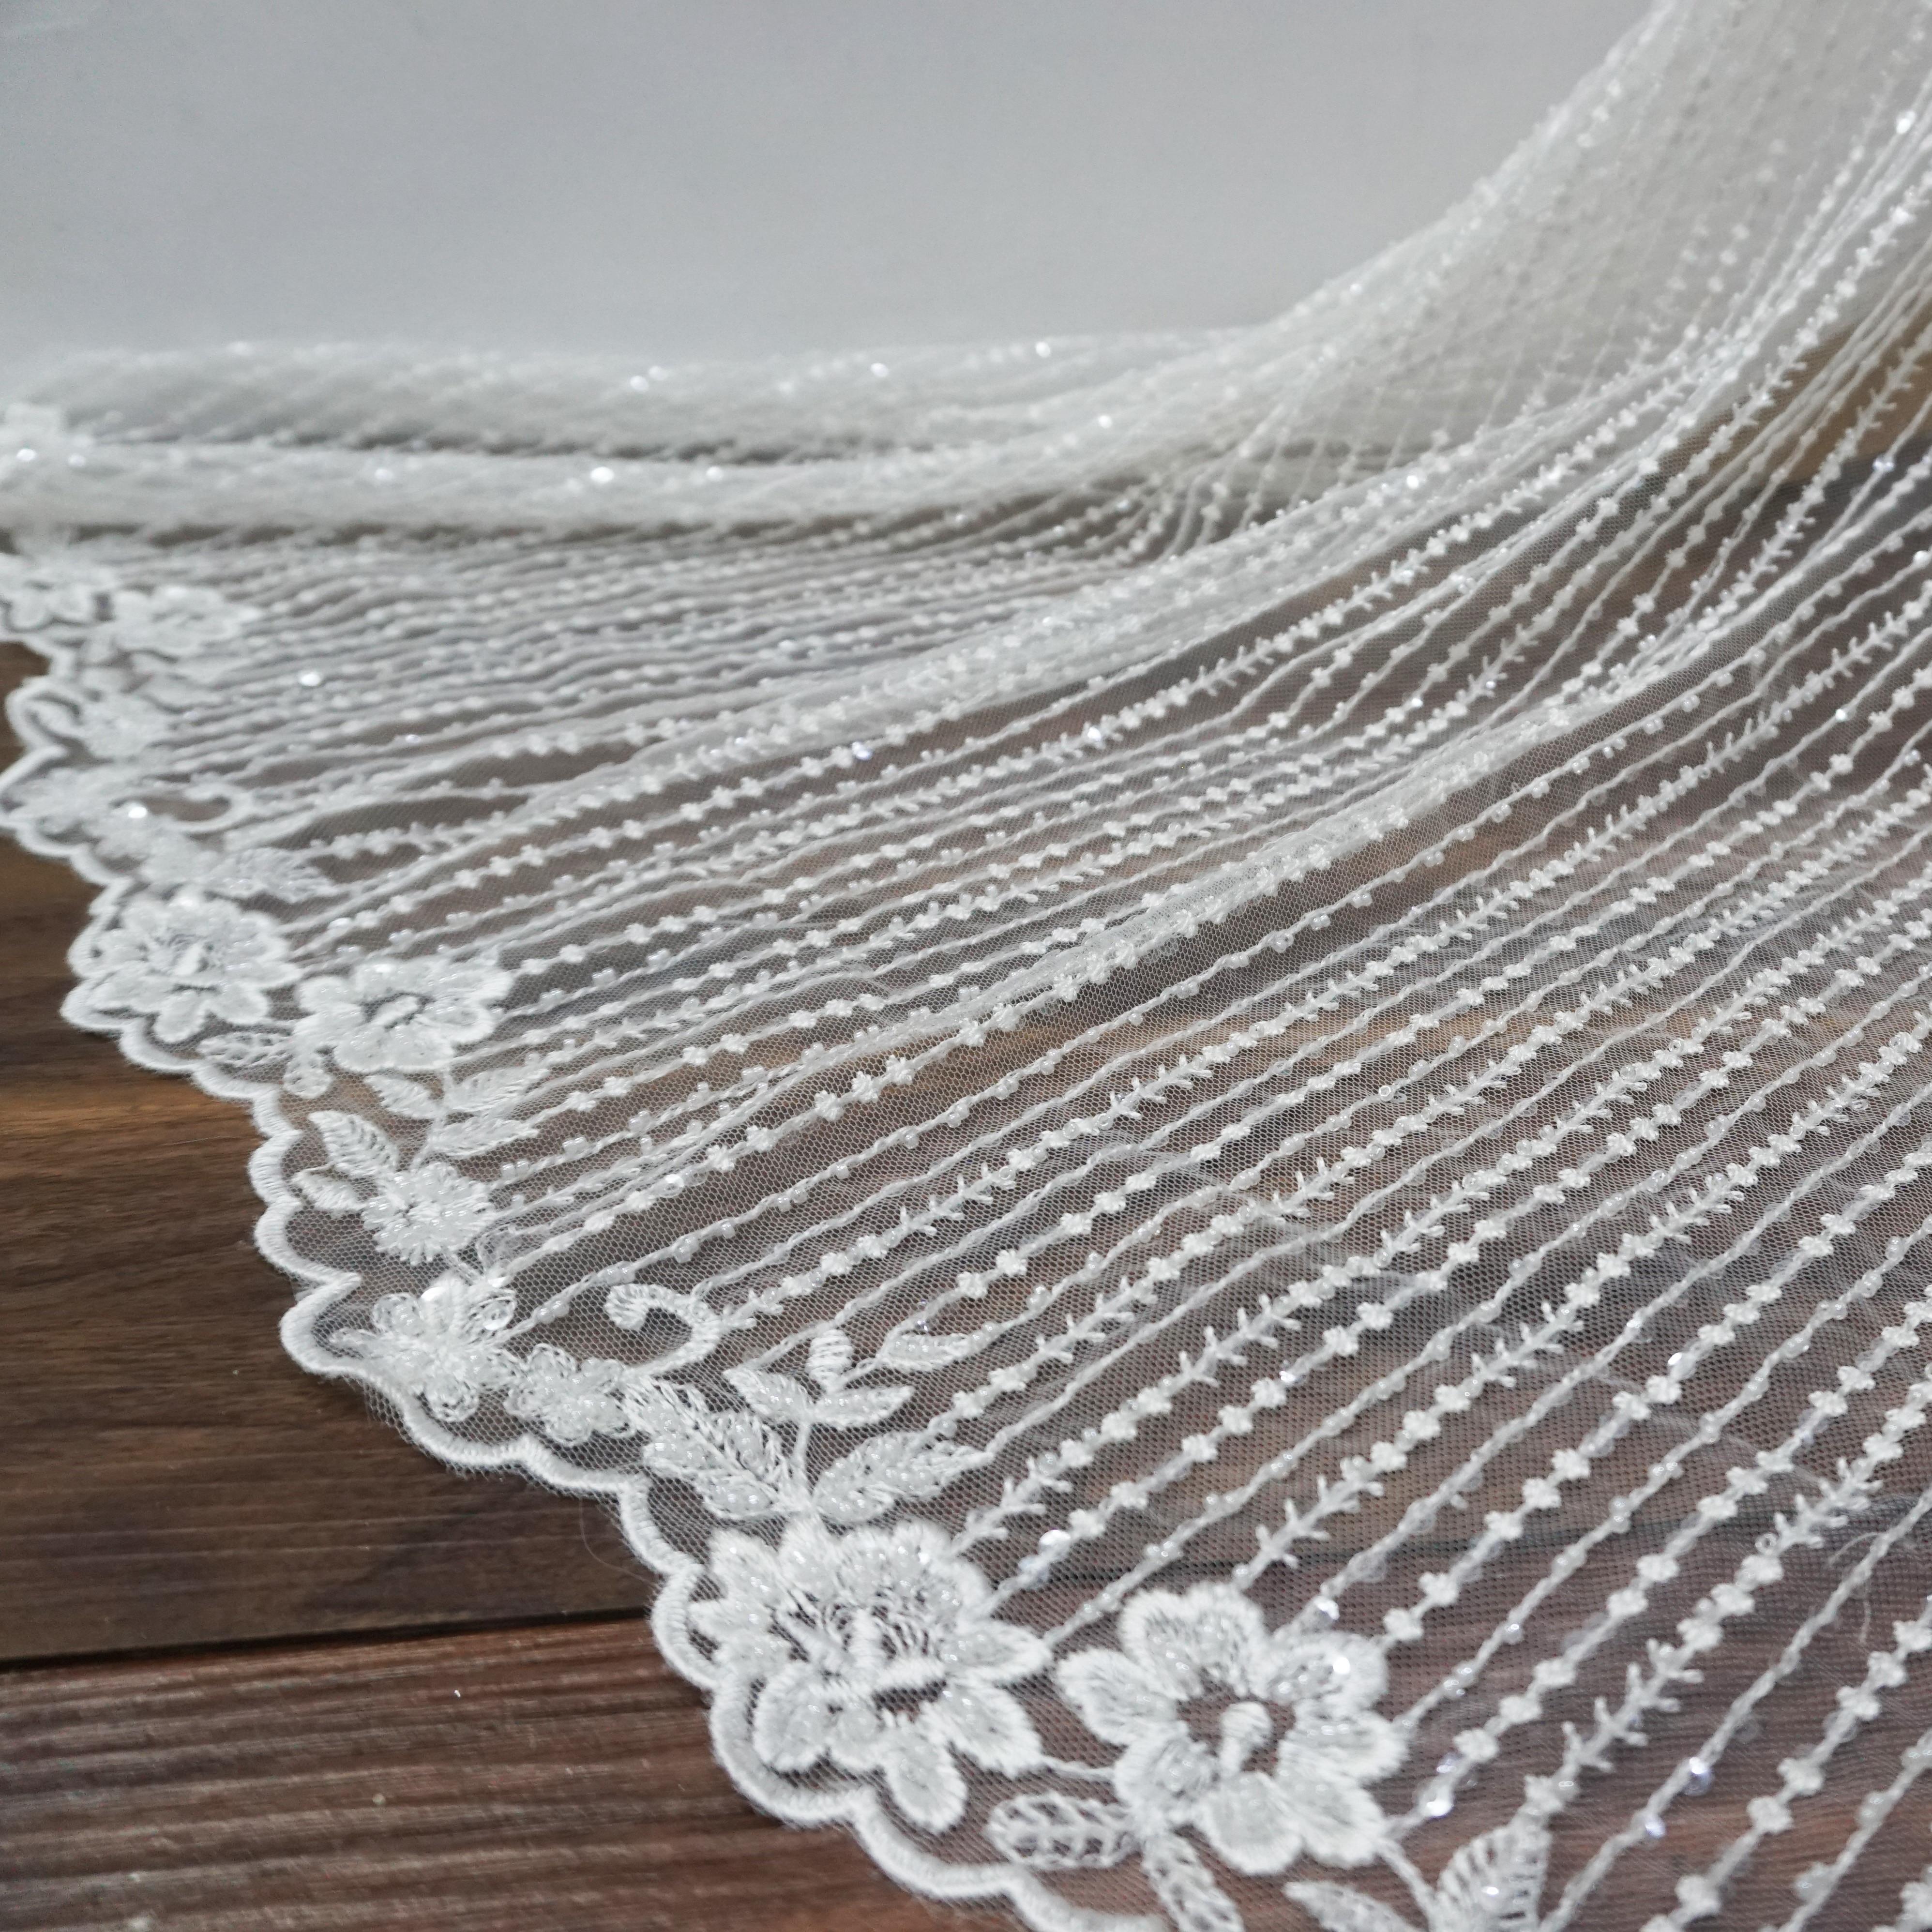 Dentelle de mariage ivoire tissu rayure design perles dentelle! 2019 nouvelles femmes patchwork couture dentelle pour robes! Dentelle continue de 1 yard